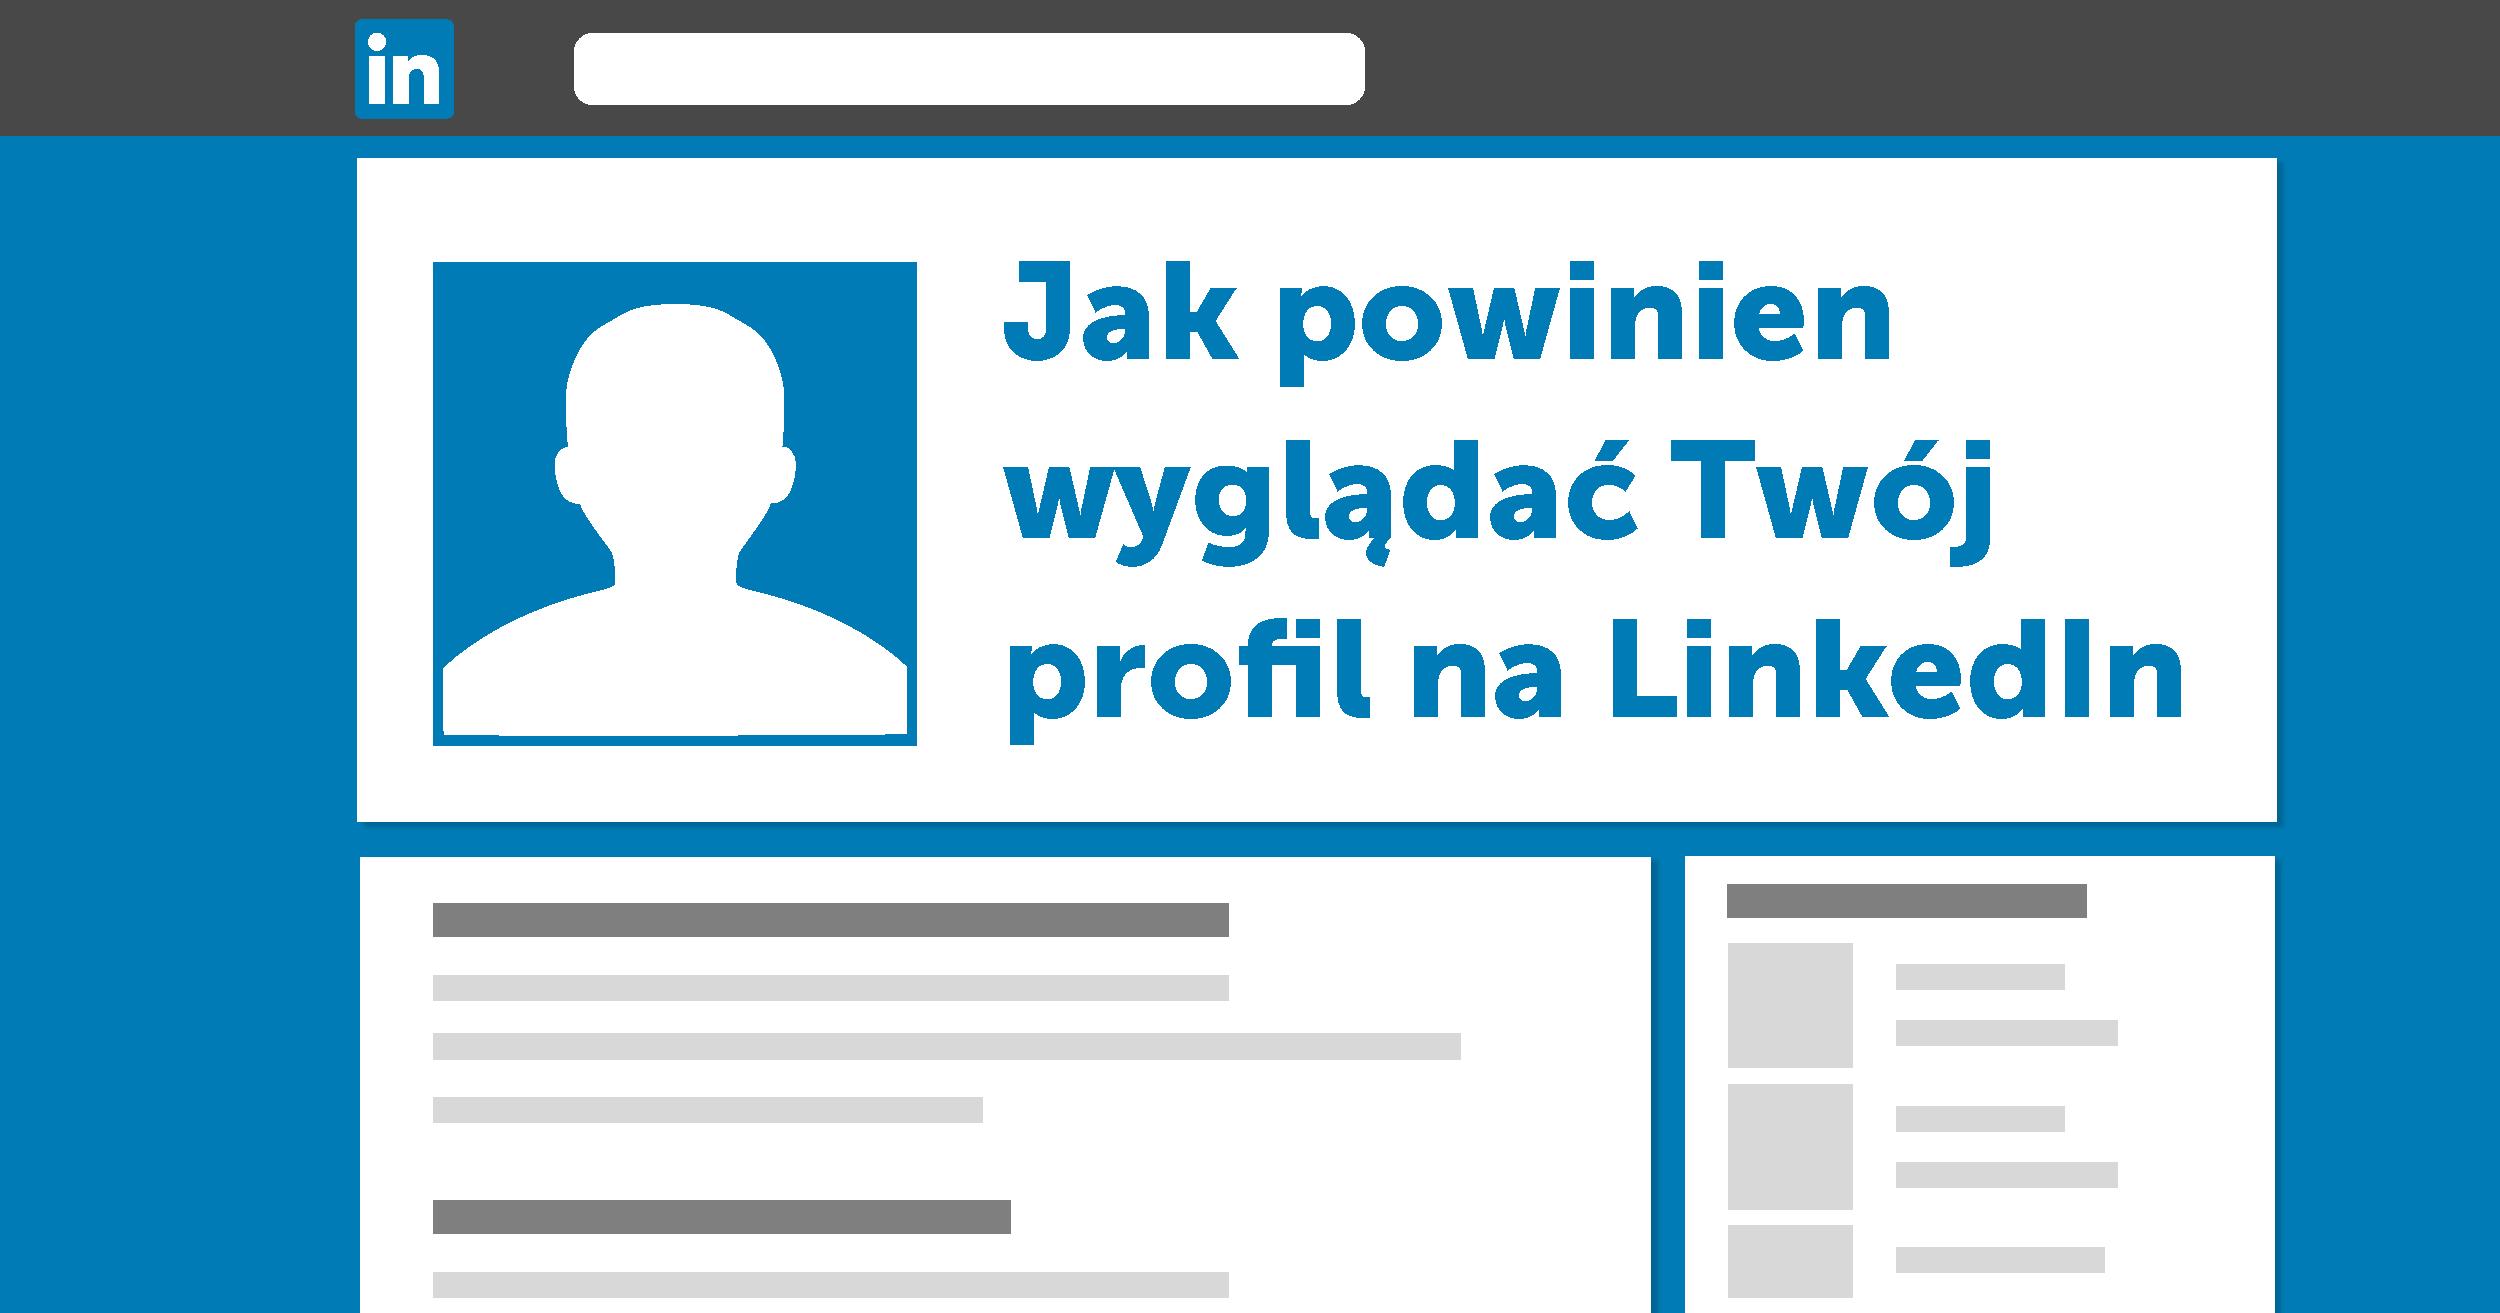 Jak powinien wyglądać Twój profil na LinkedIn - krótki tutorial krok po kroku